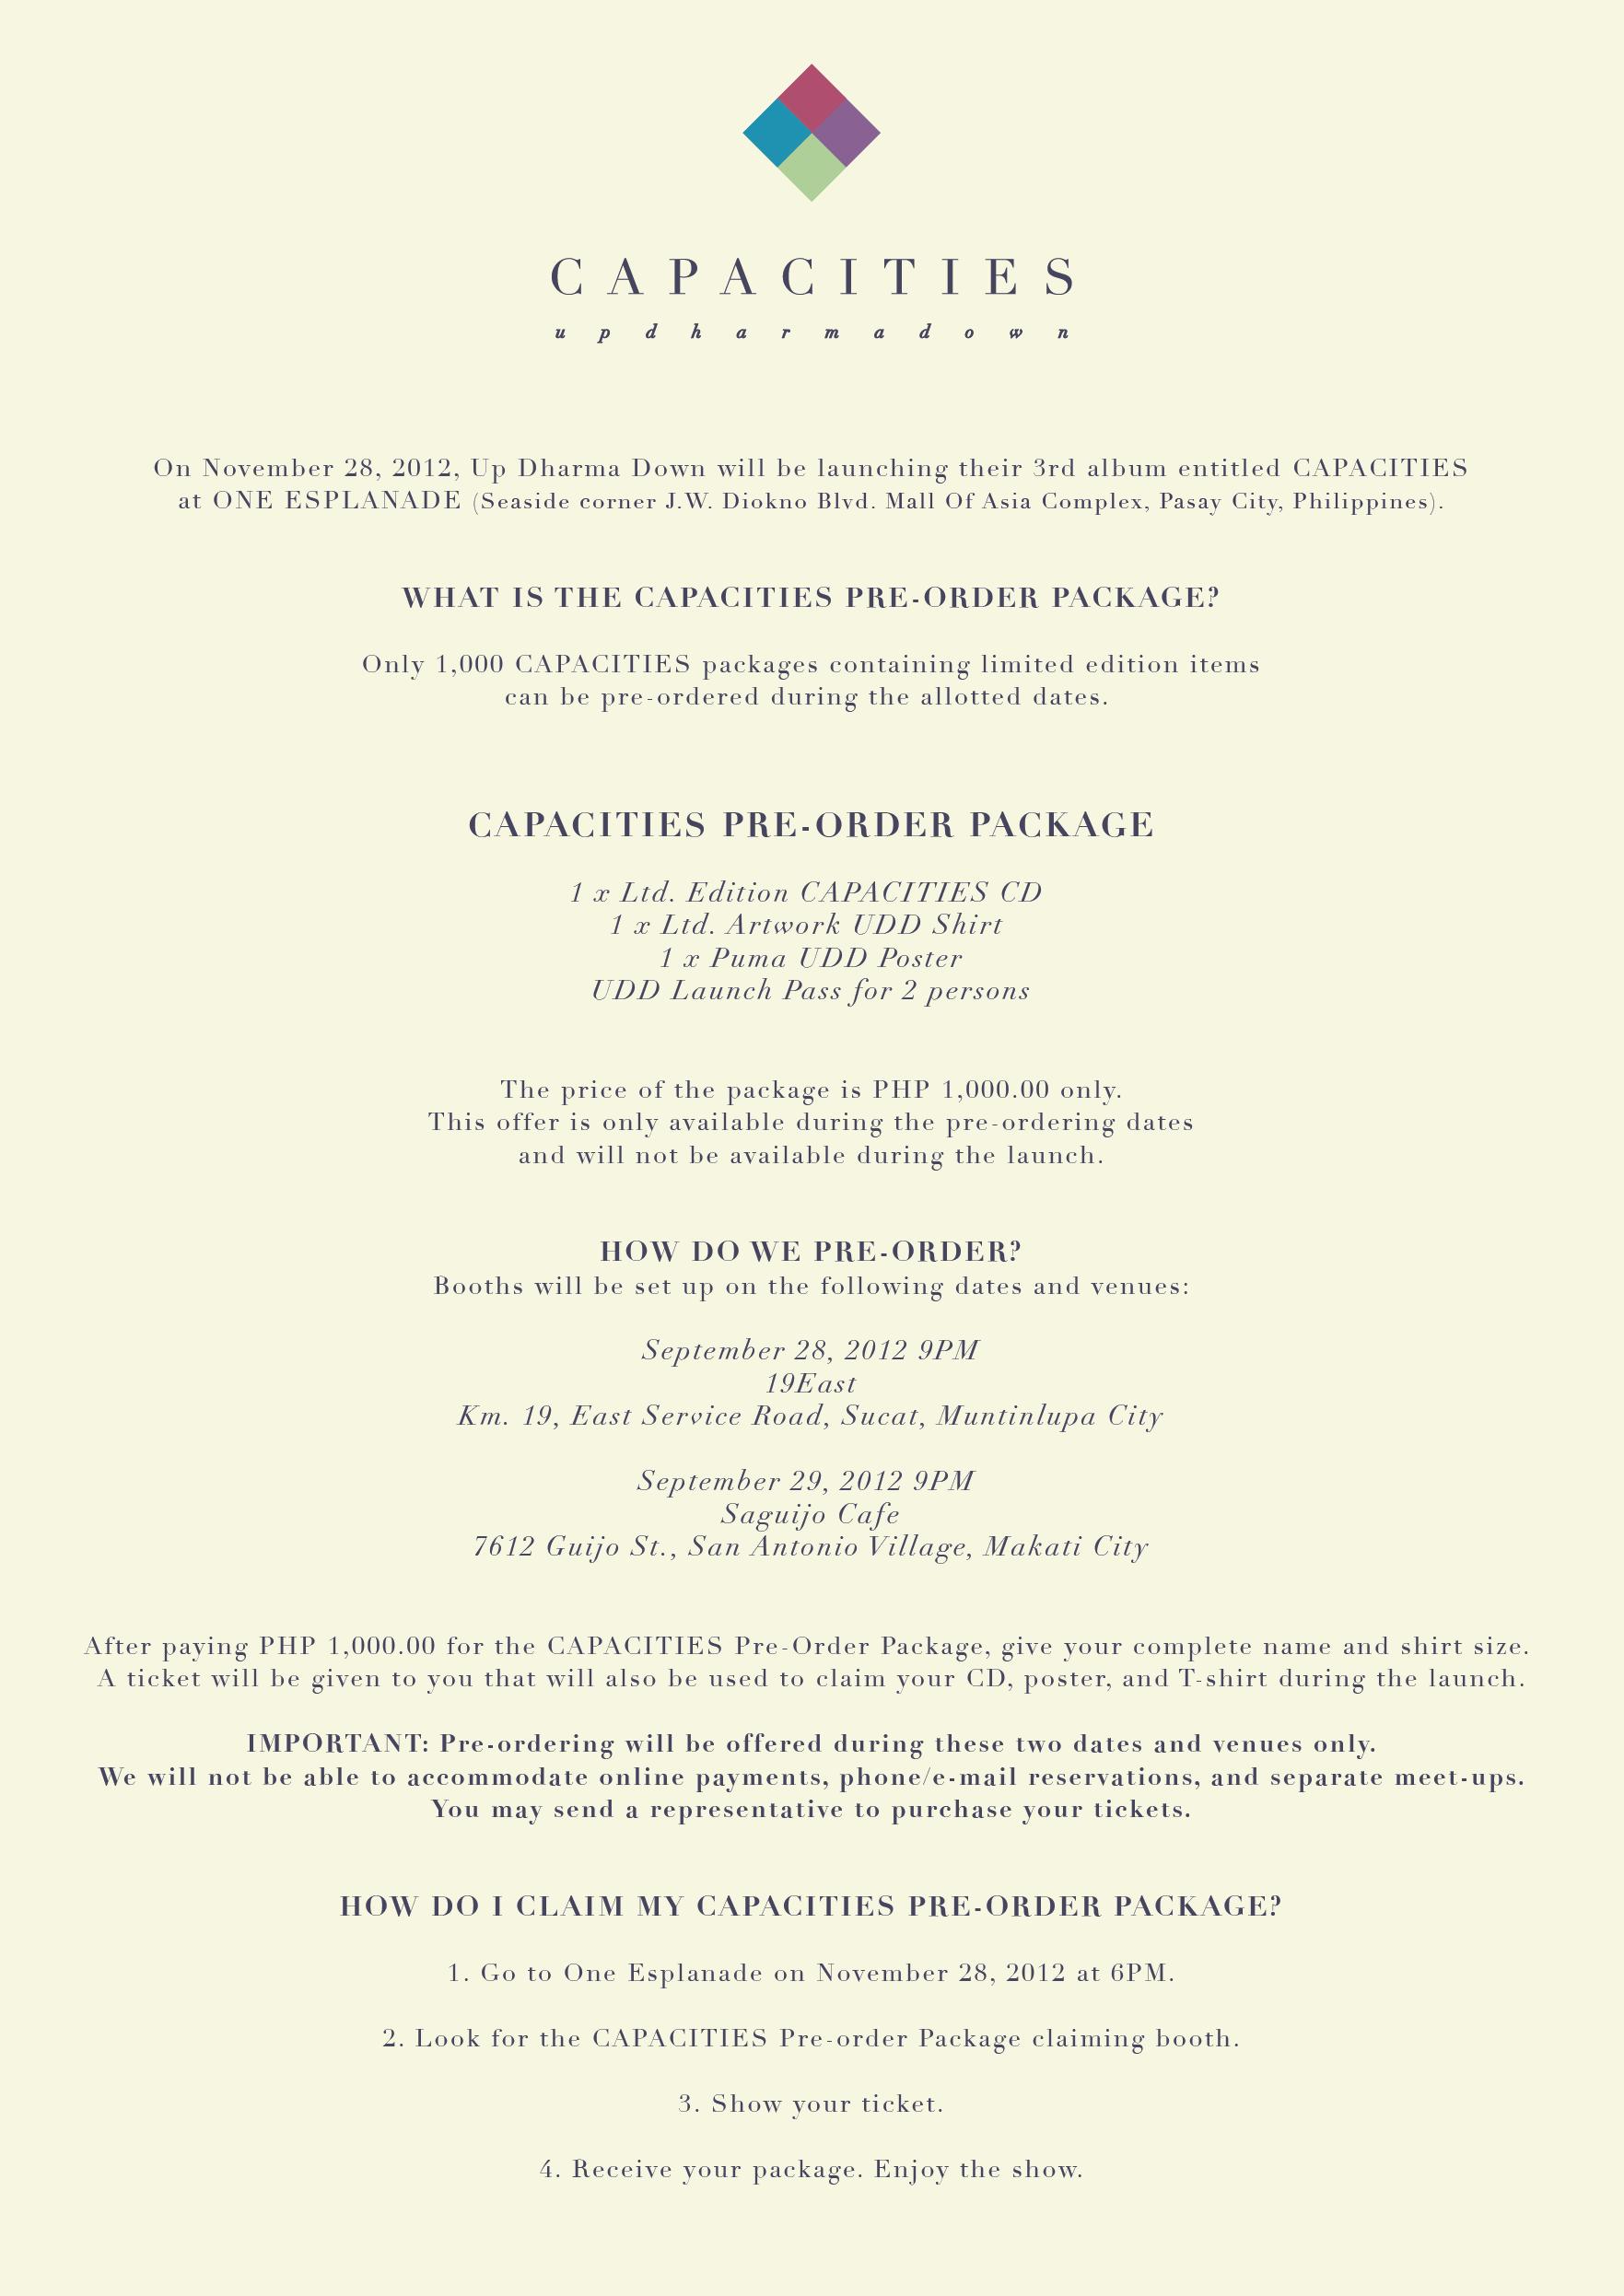 UDDCAP letter-01